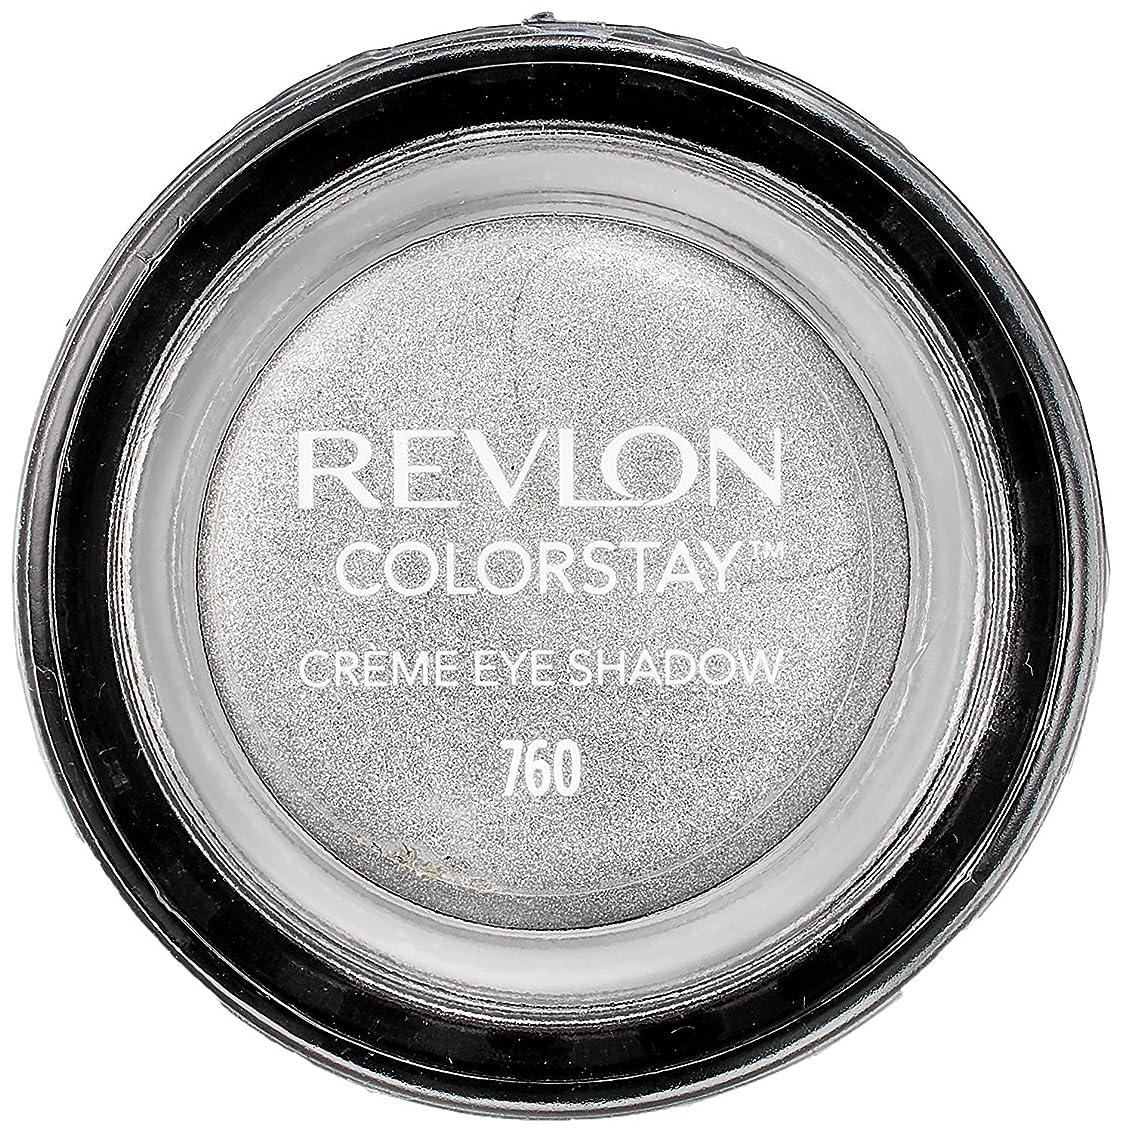 ギャングひそかに変形するレブロン カラーステイ クリーム アイ シャドウ 760 カラー:アール グレー(シルバーグレー)